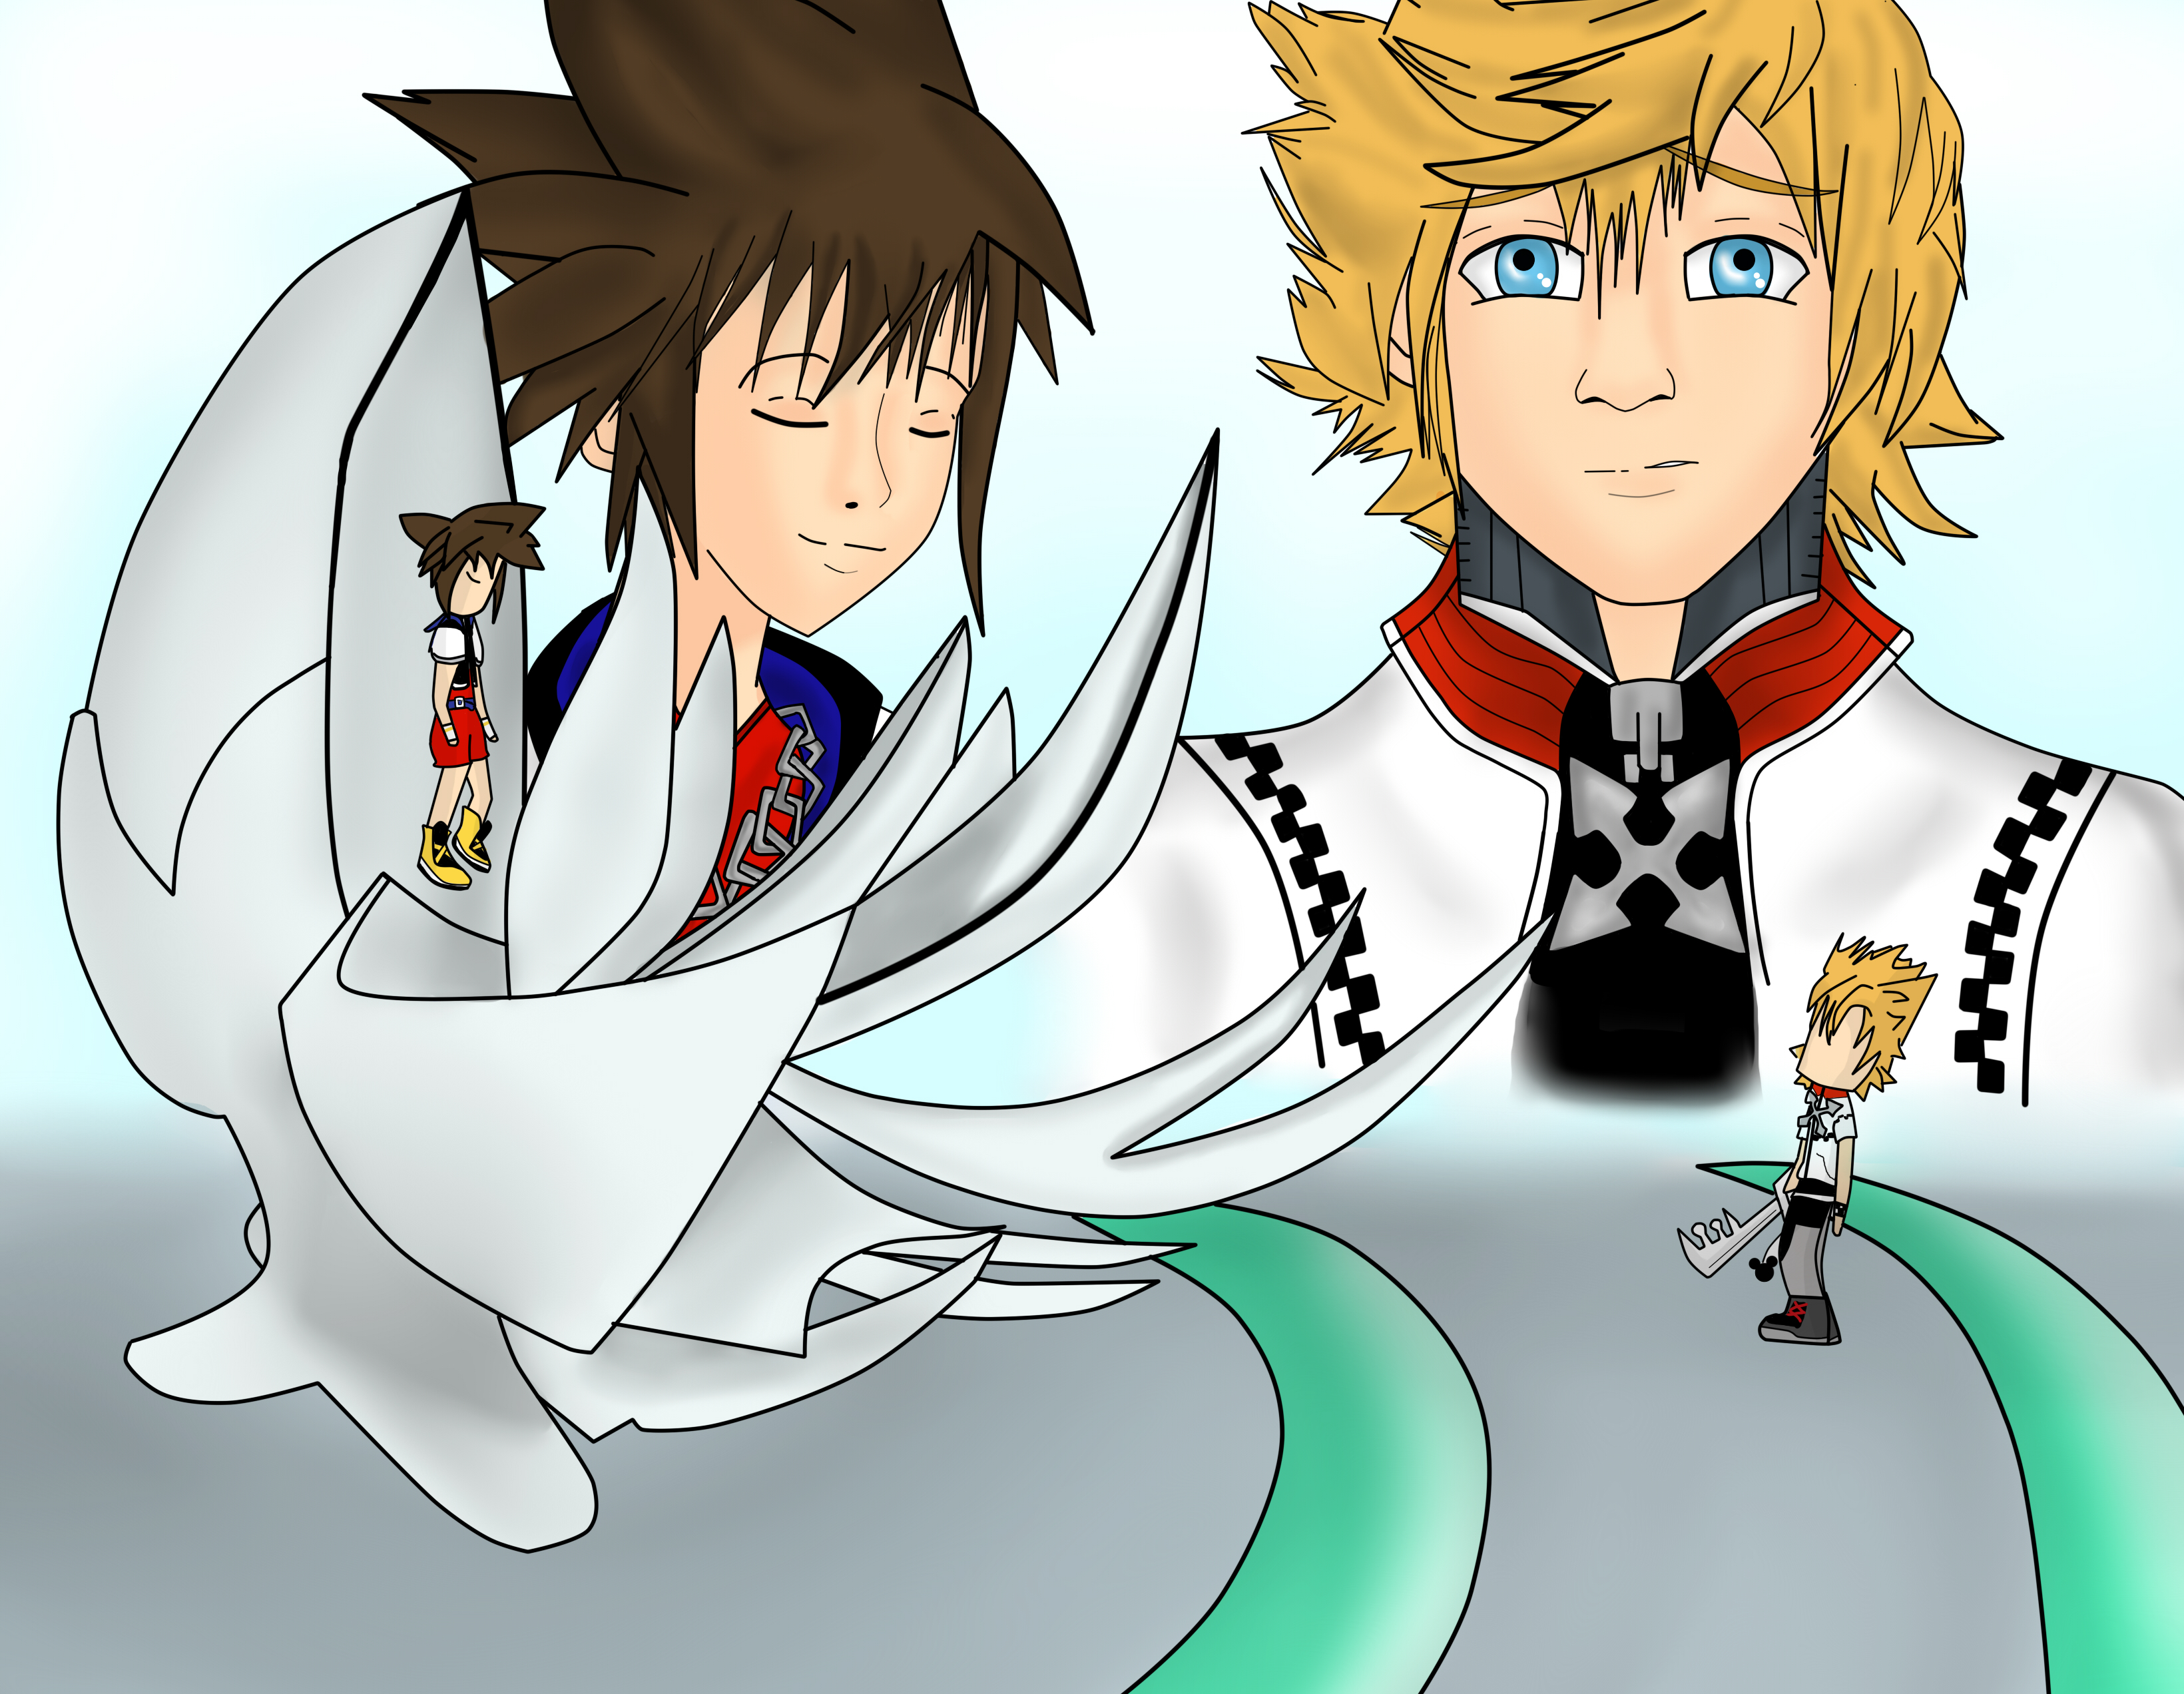 Sora Kingdom Hearts Lineart : Kingdom hearts roxas meets sora by thuthukachoo on deviantart